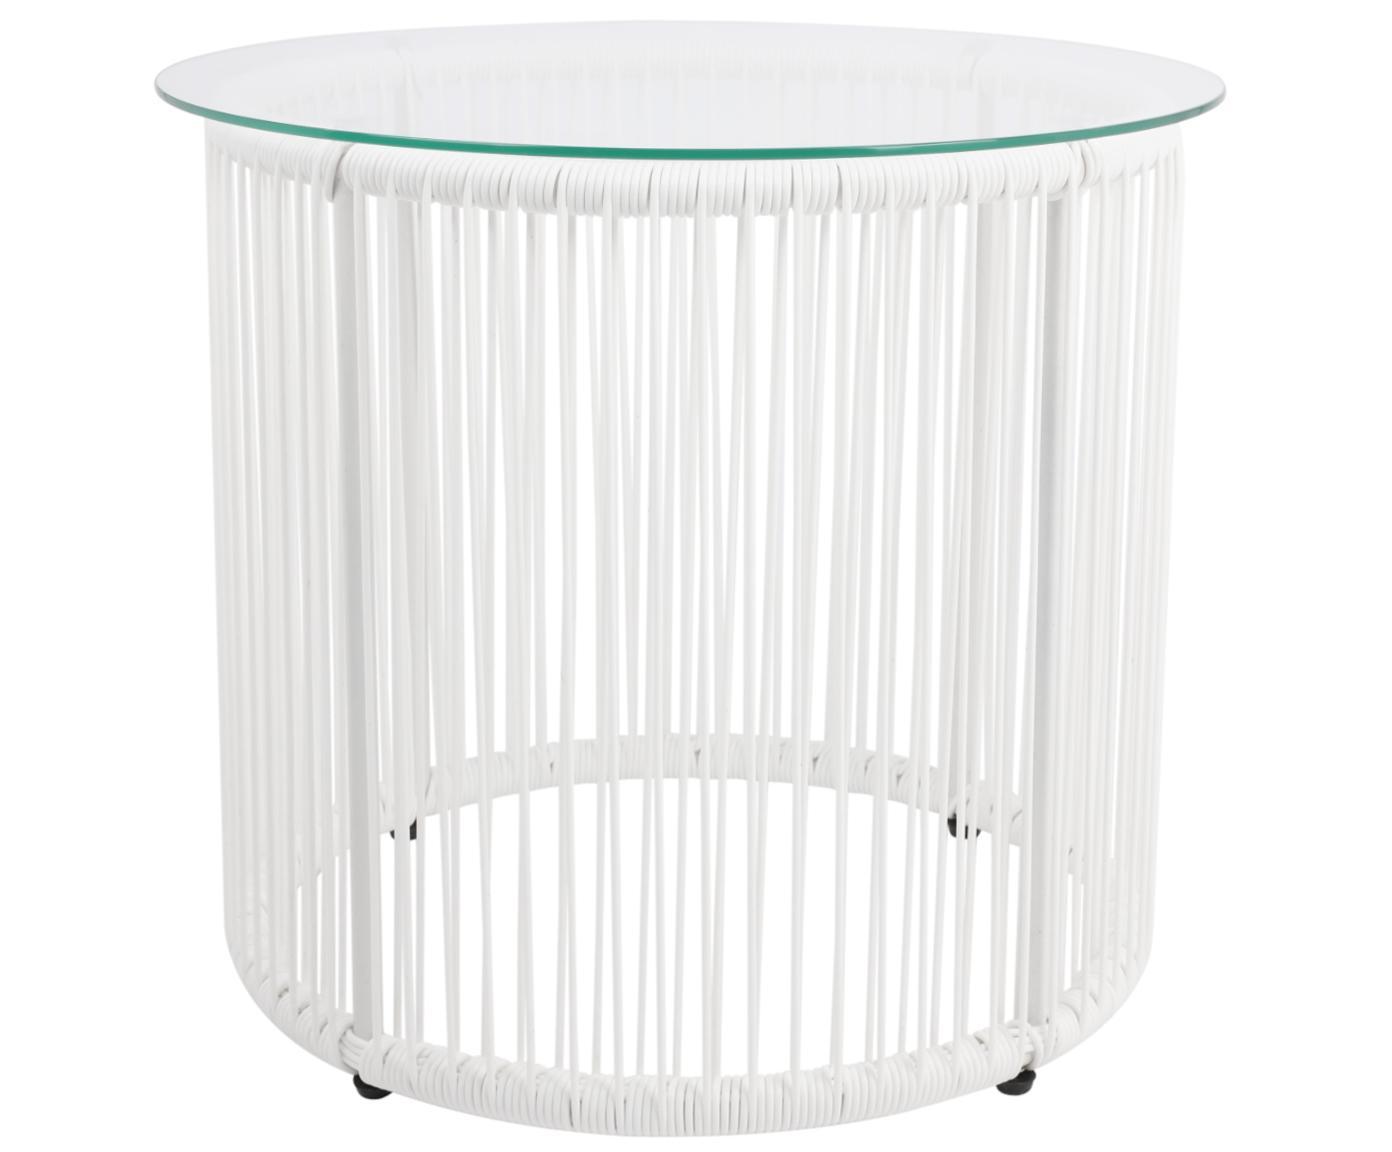 Beistelltisch Bahia aus Kunststoff-Geflecht, Tischplatte: Glas, Stärke, Gestell: Aluminium, pulverbeschich, Weiss, Ø 50 x H 45 cm